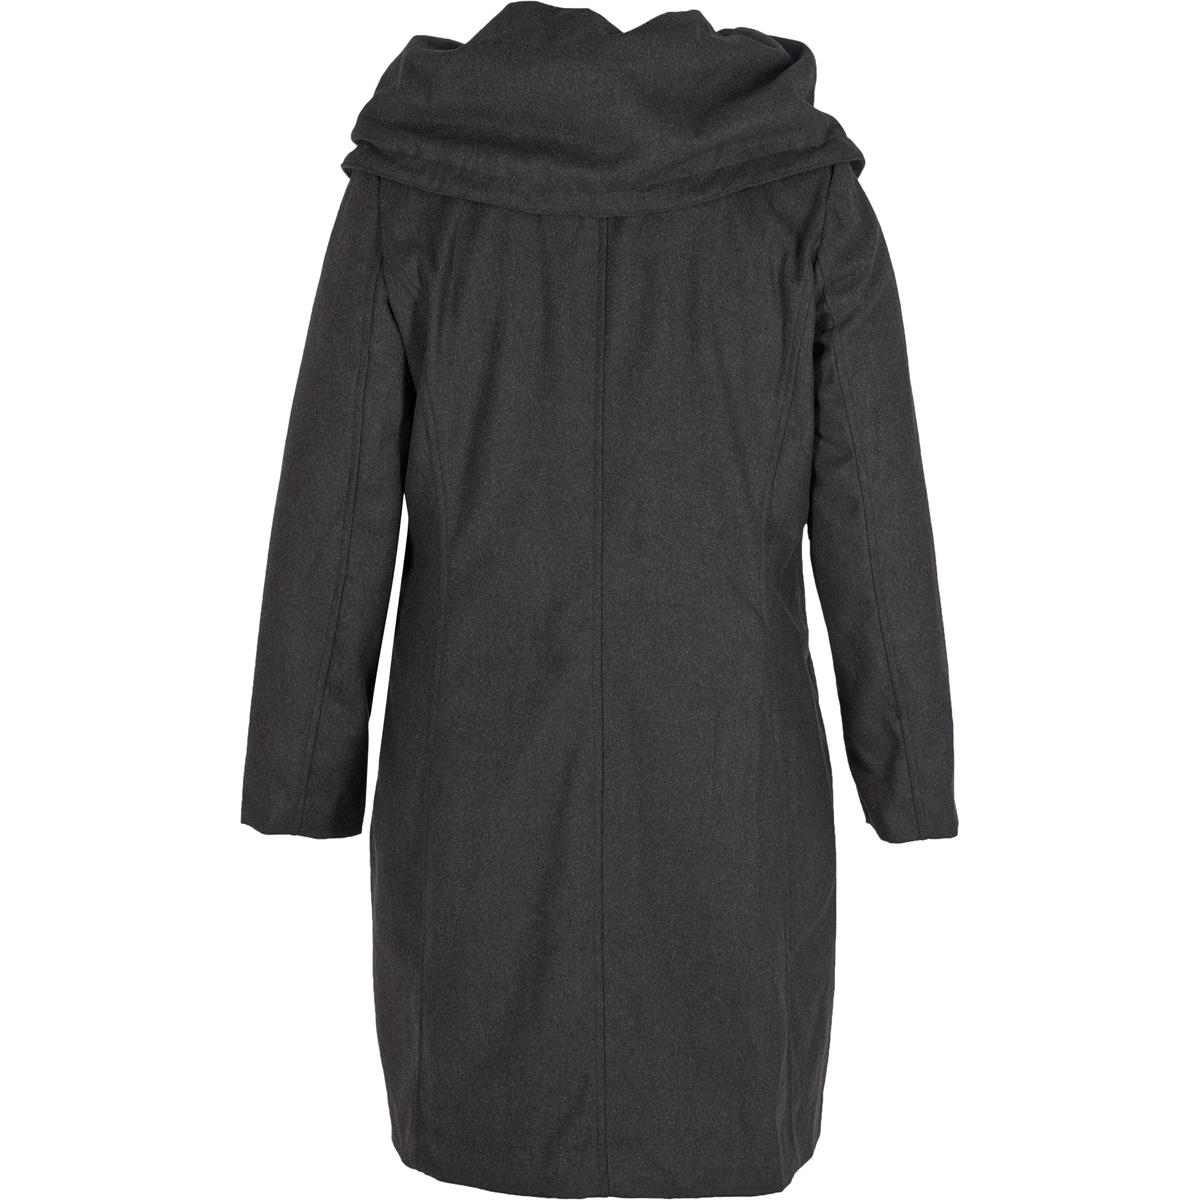 ПальтоПальто - ZIZZI. 100% полиэстер. Красивое пальто Zizzi. Косые карманы вдоль боковых швов, что придает пальто простоту и элегантность. Красивый воротник, на подкладке, застежка на скрытую пуговицу.<br><br>Цвет: серый<br>Размер: 42/44 (FR) - 48/50 (RUS)